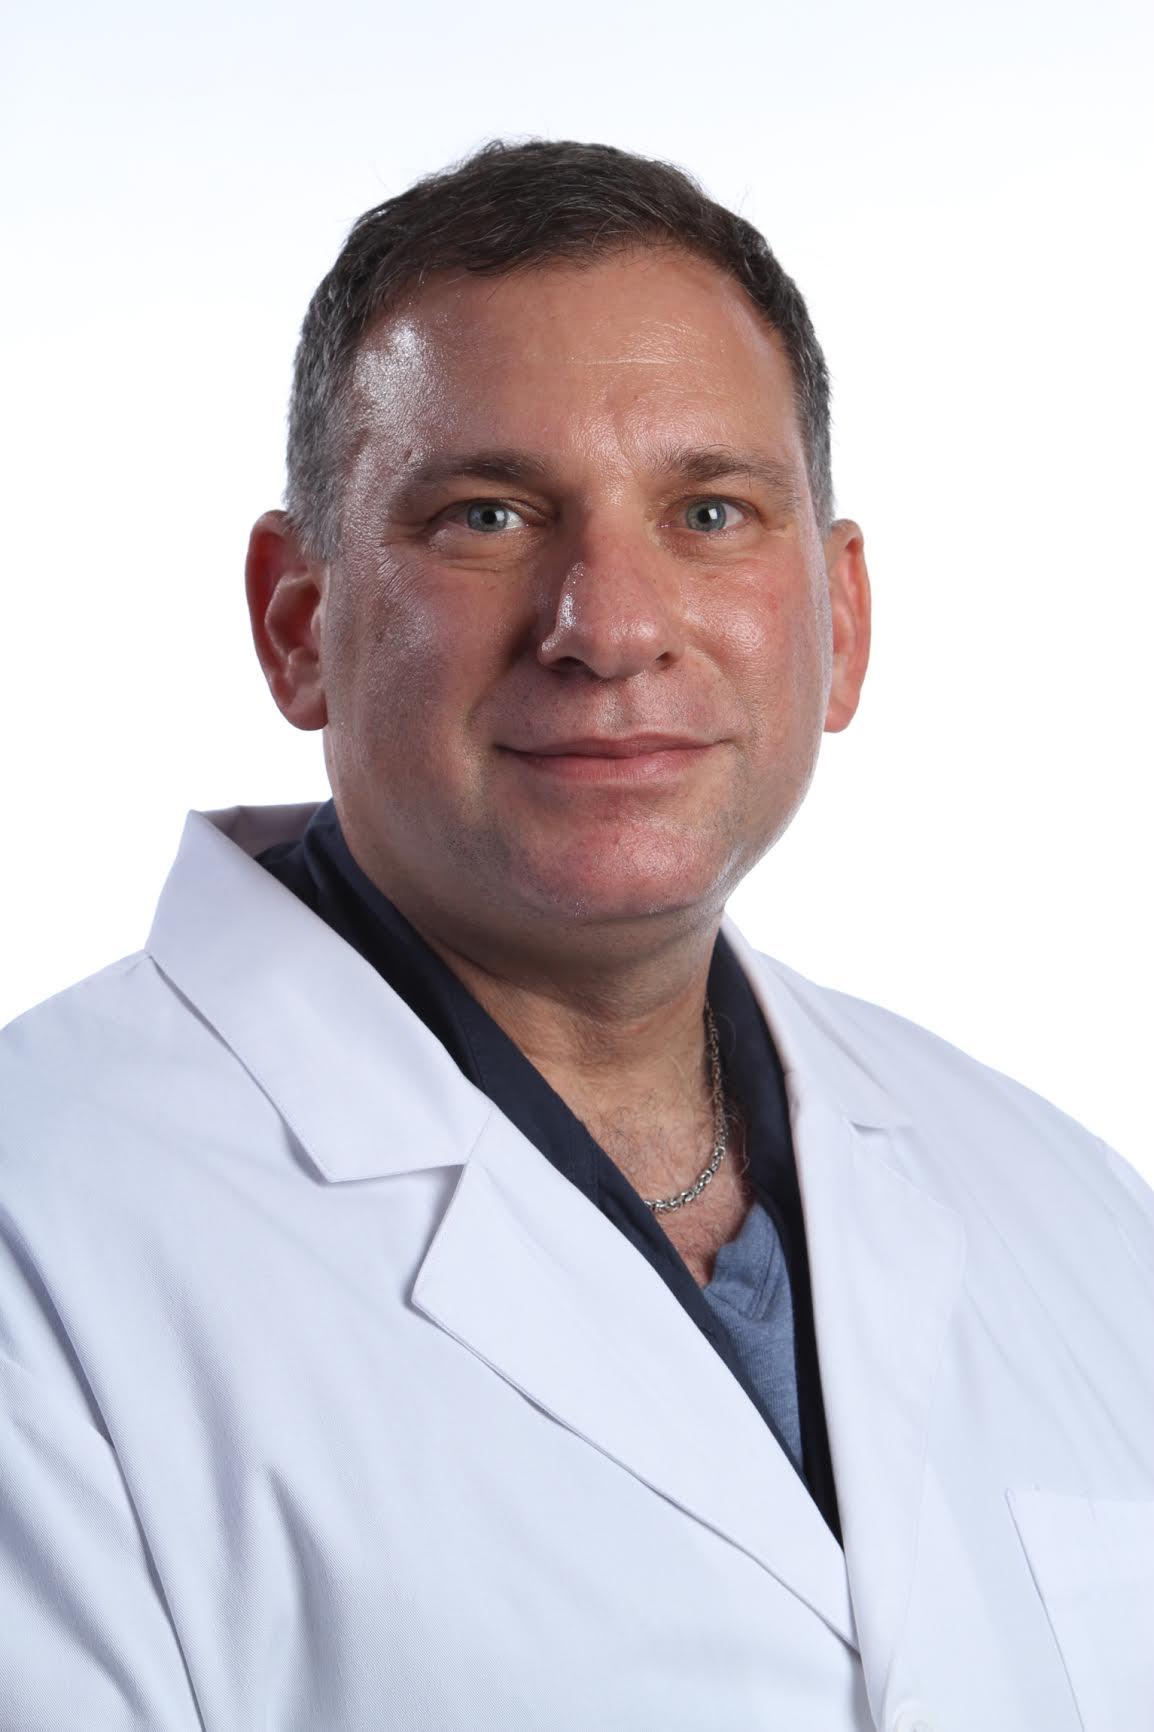 דוקטור עמיחי מאירוביץ - תמונת פרופיל